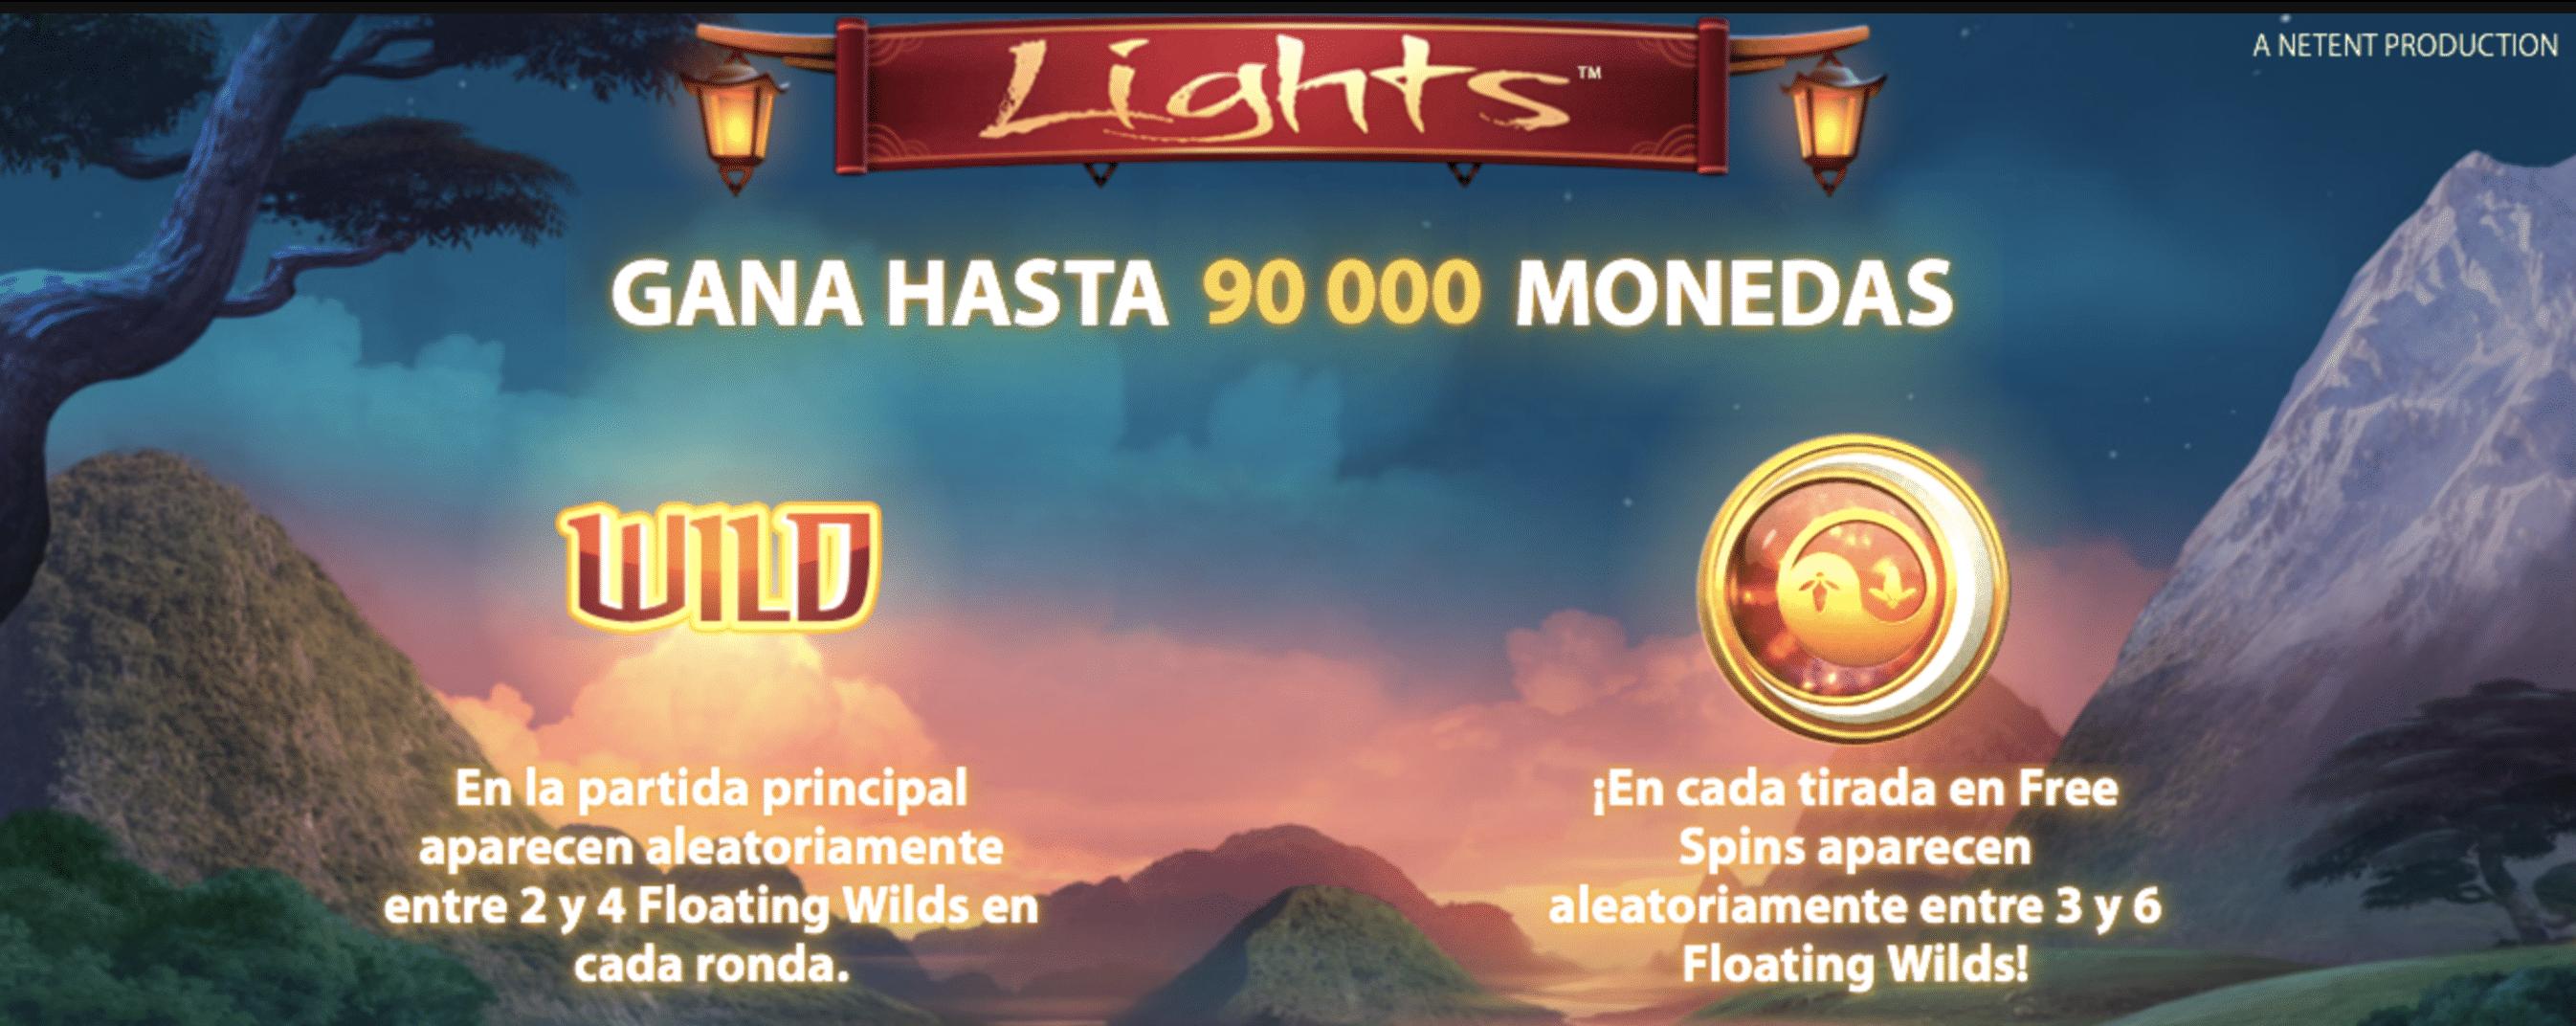 Consejo blackjack zorro gratis bonos-469365